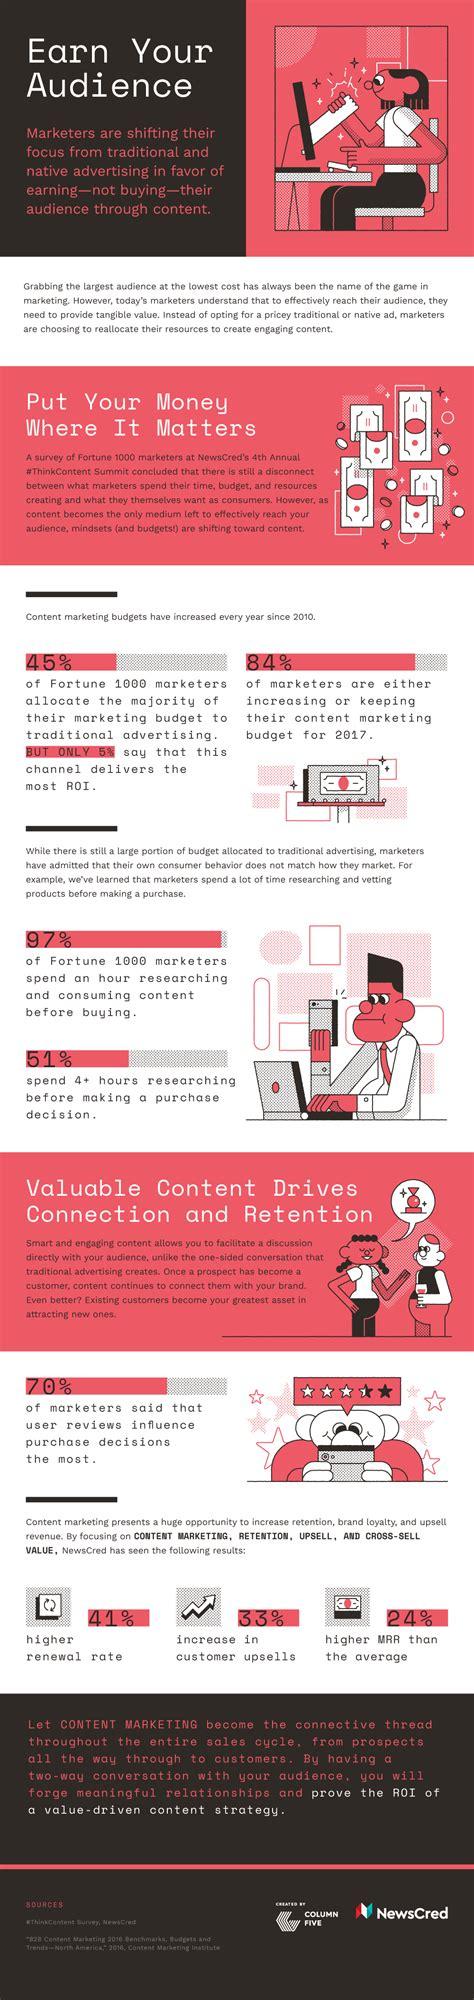 come si fa a decapare un mobile content marketing ecco come si fa in un infografica